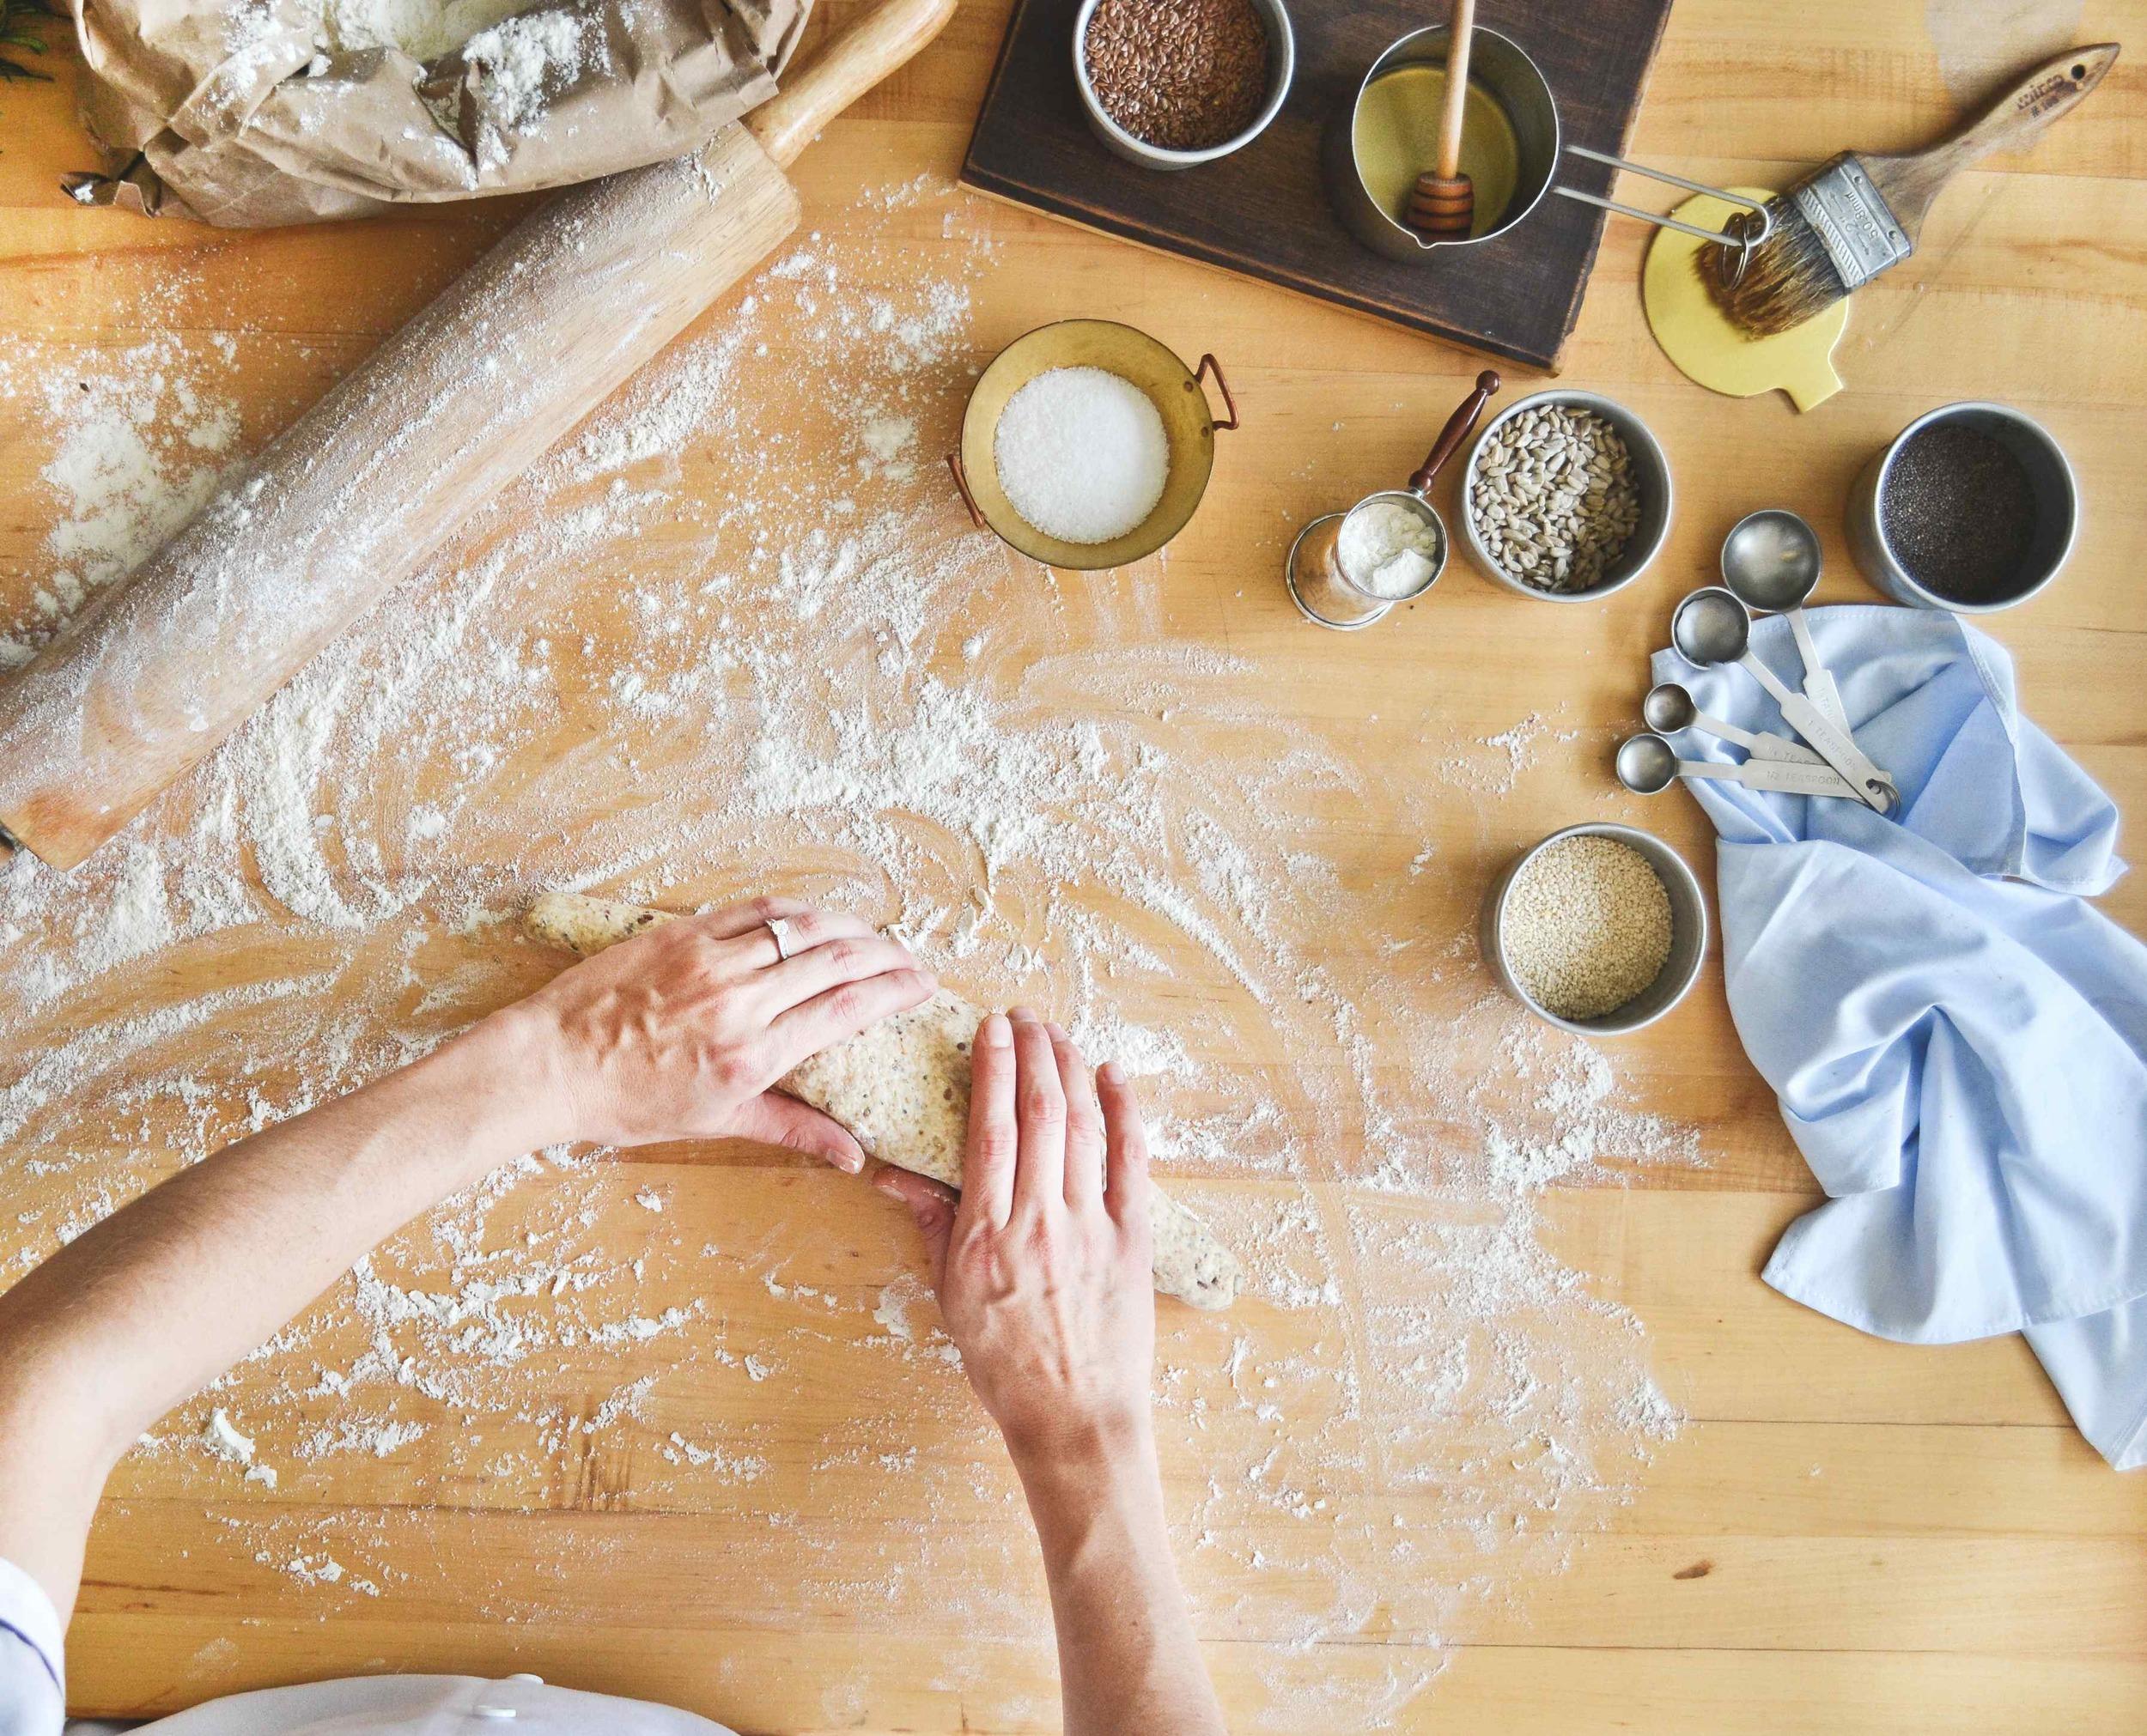 cocina_amasado-1-5_baja.jpg